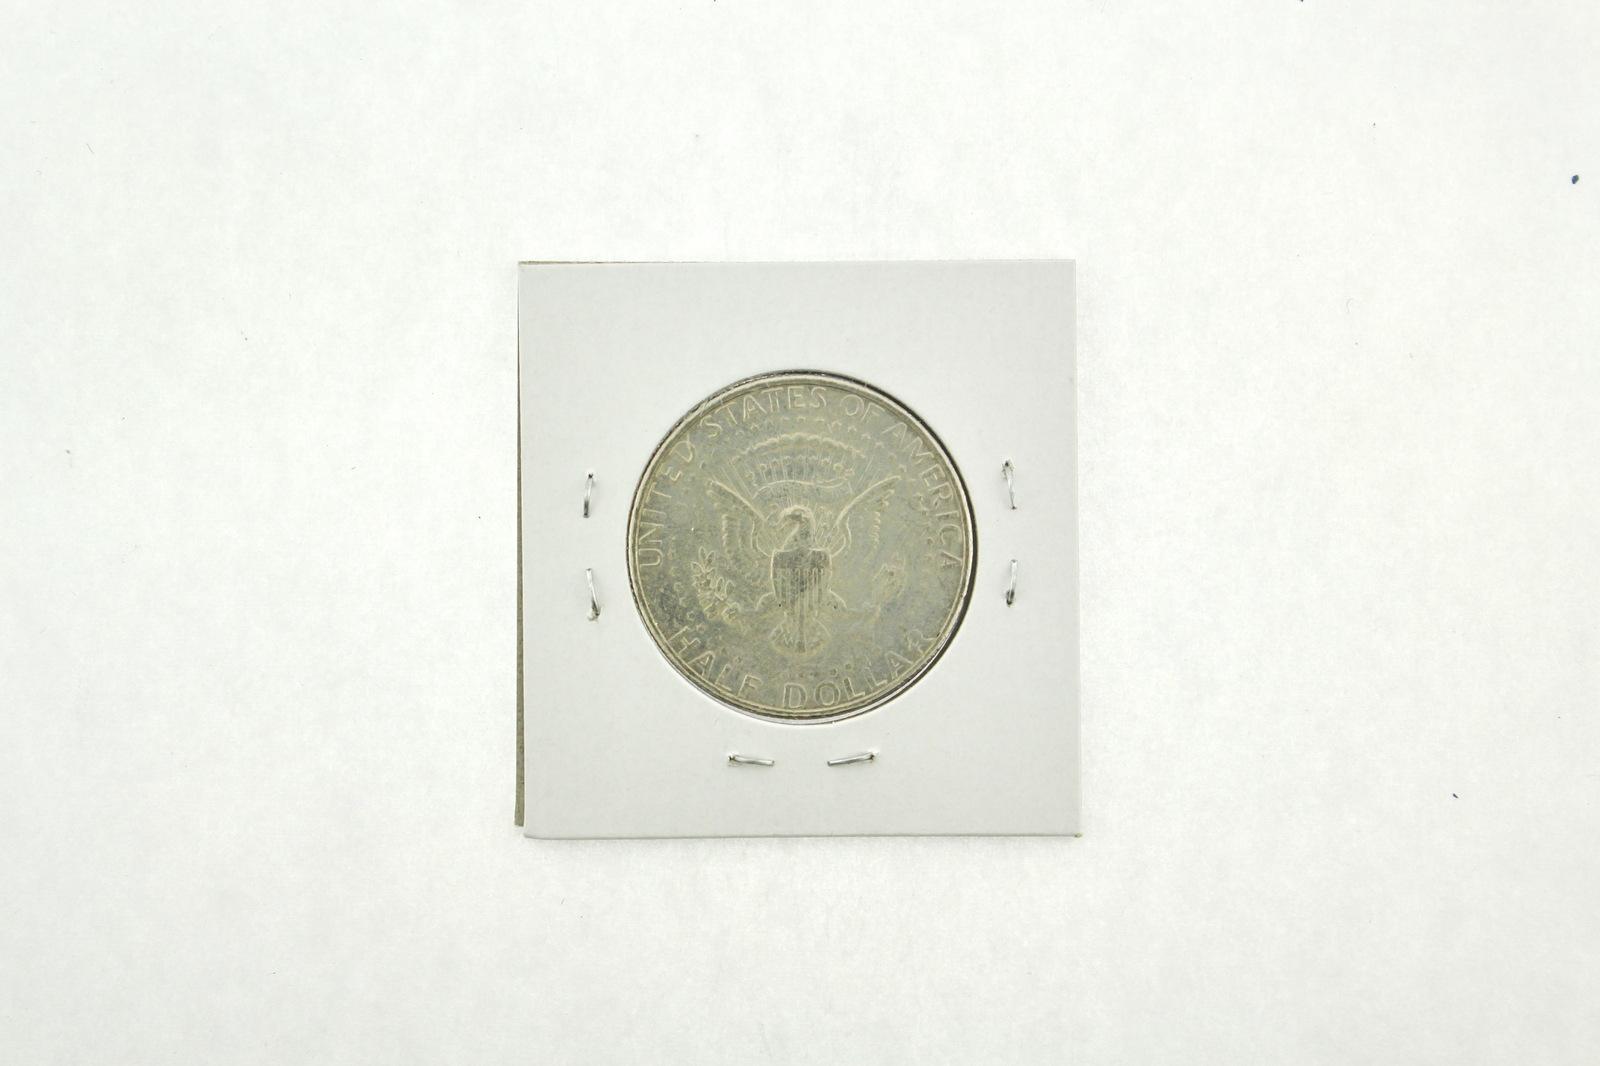 1997-P Kennedy Half Dollar (F) Fine N2-3922-1